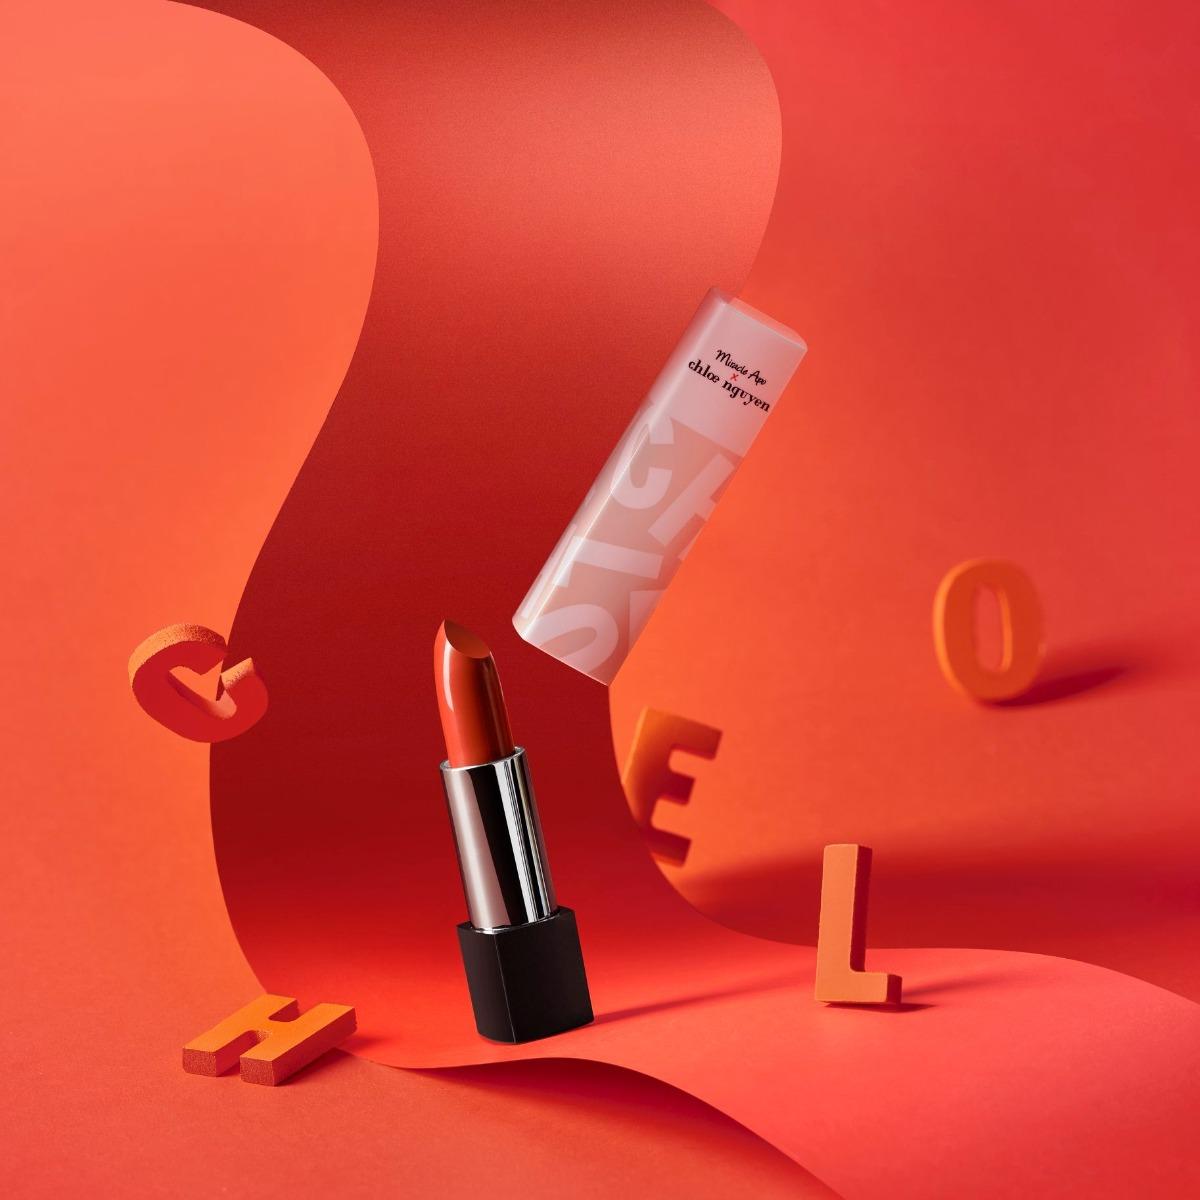 Son Thỏi Miracle Apo x Chloe Nguyễn Silky Satin Lipstick #First Date Màu Đỏ Nâu Cam